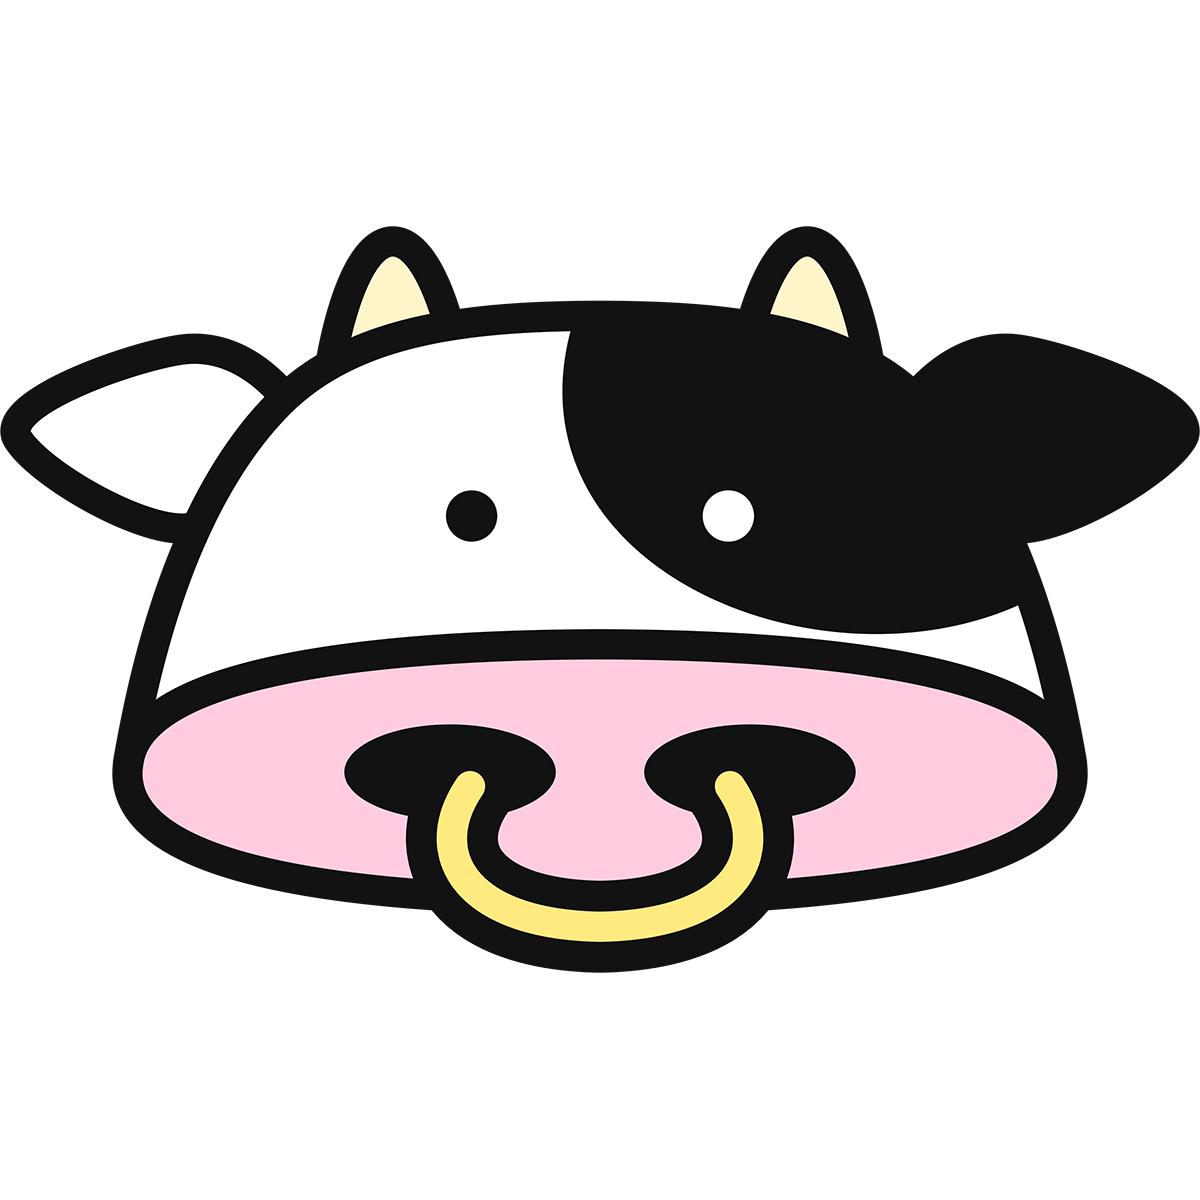 牛の顔の無料イラスト